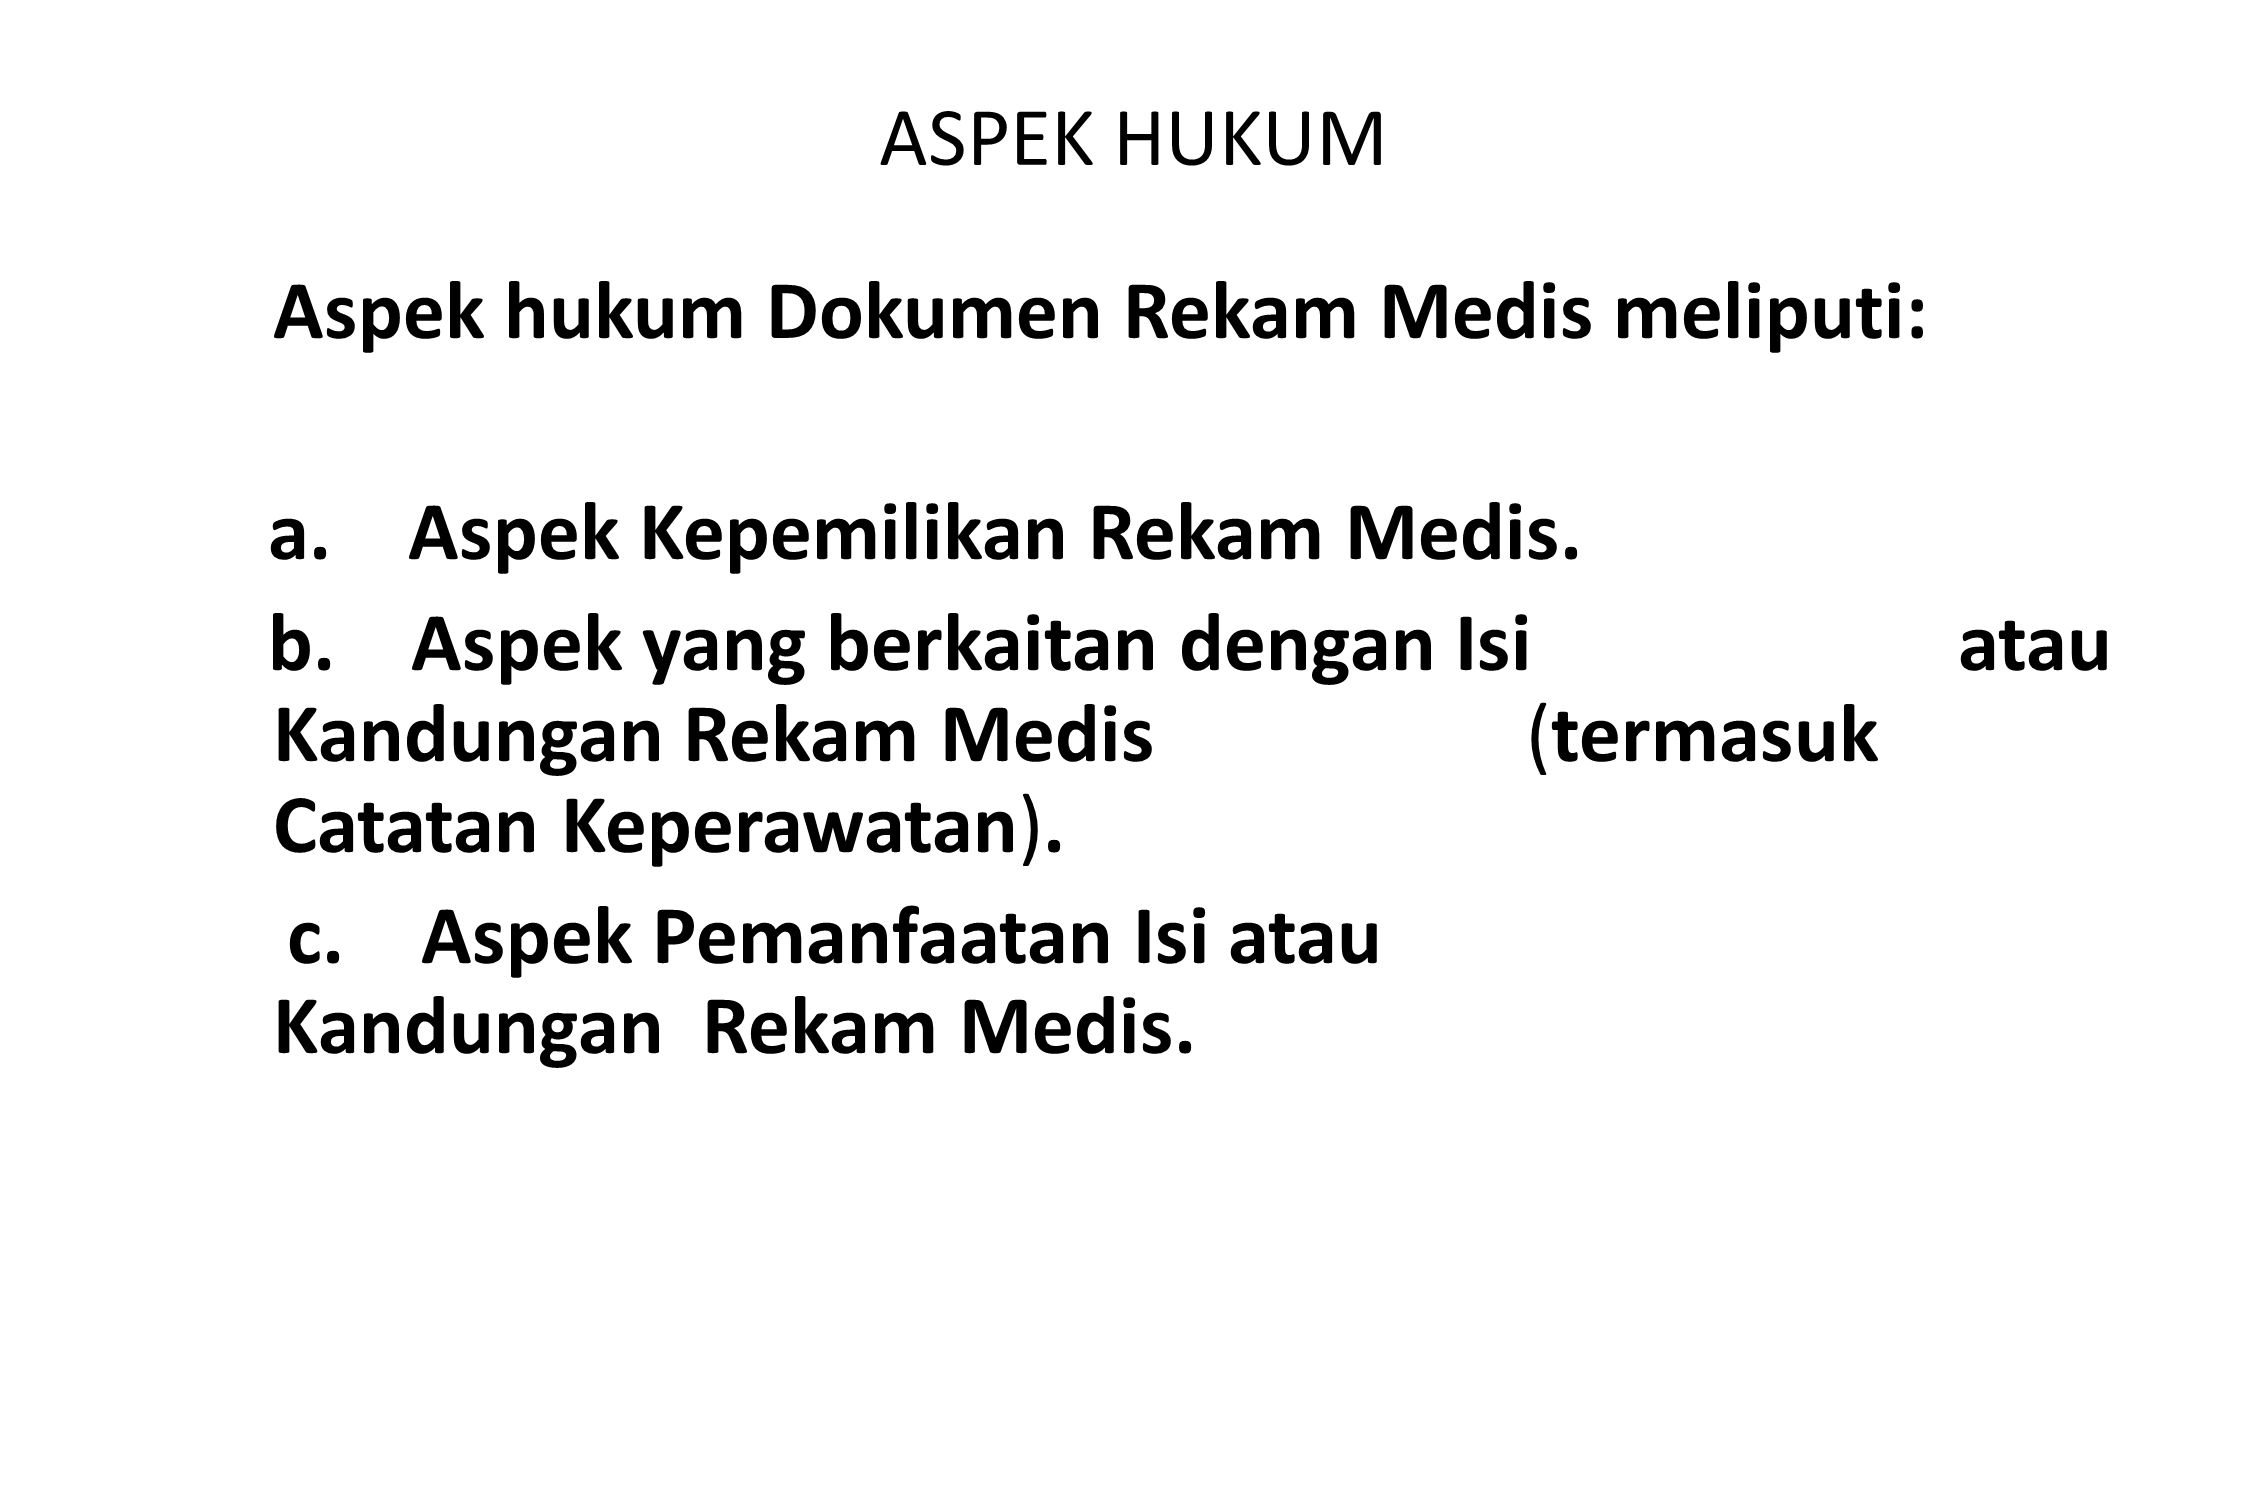 ASPEK HUKUM Aspek hukum Dokumen Rekam Medis meliputi: a. Aspek Kepemilikan Rekam Medis.